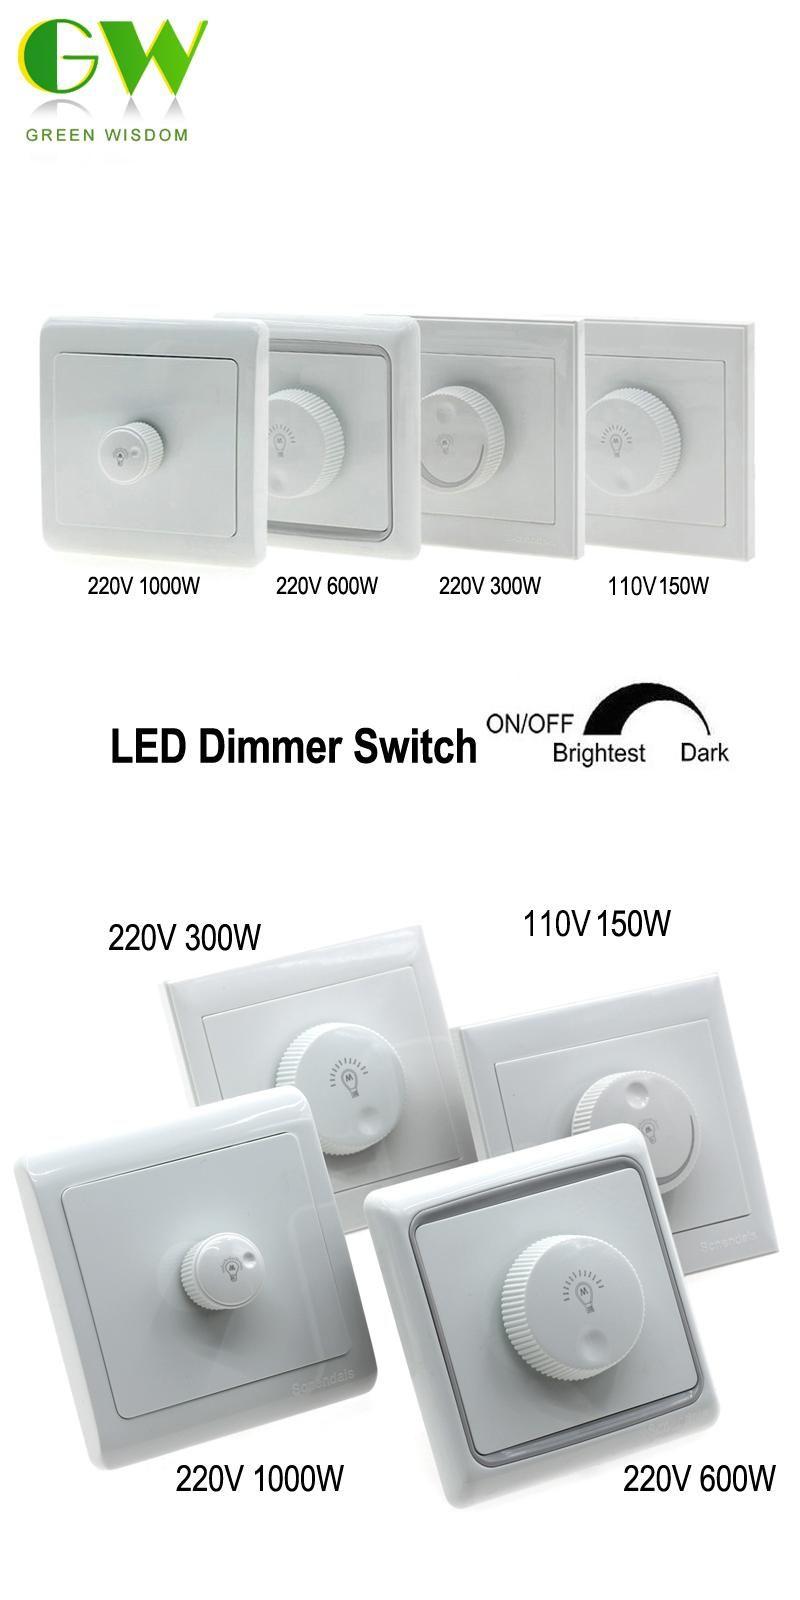 Visit To Buy Led Dimmer Switch 110v 150w 220v 300w 600w 1000w Brightness